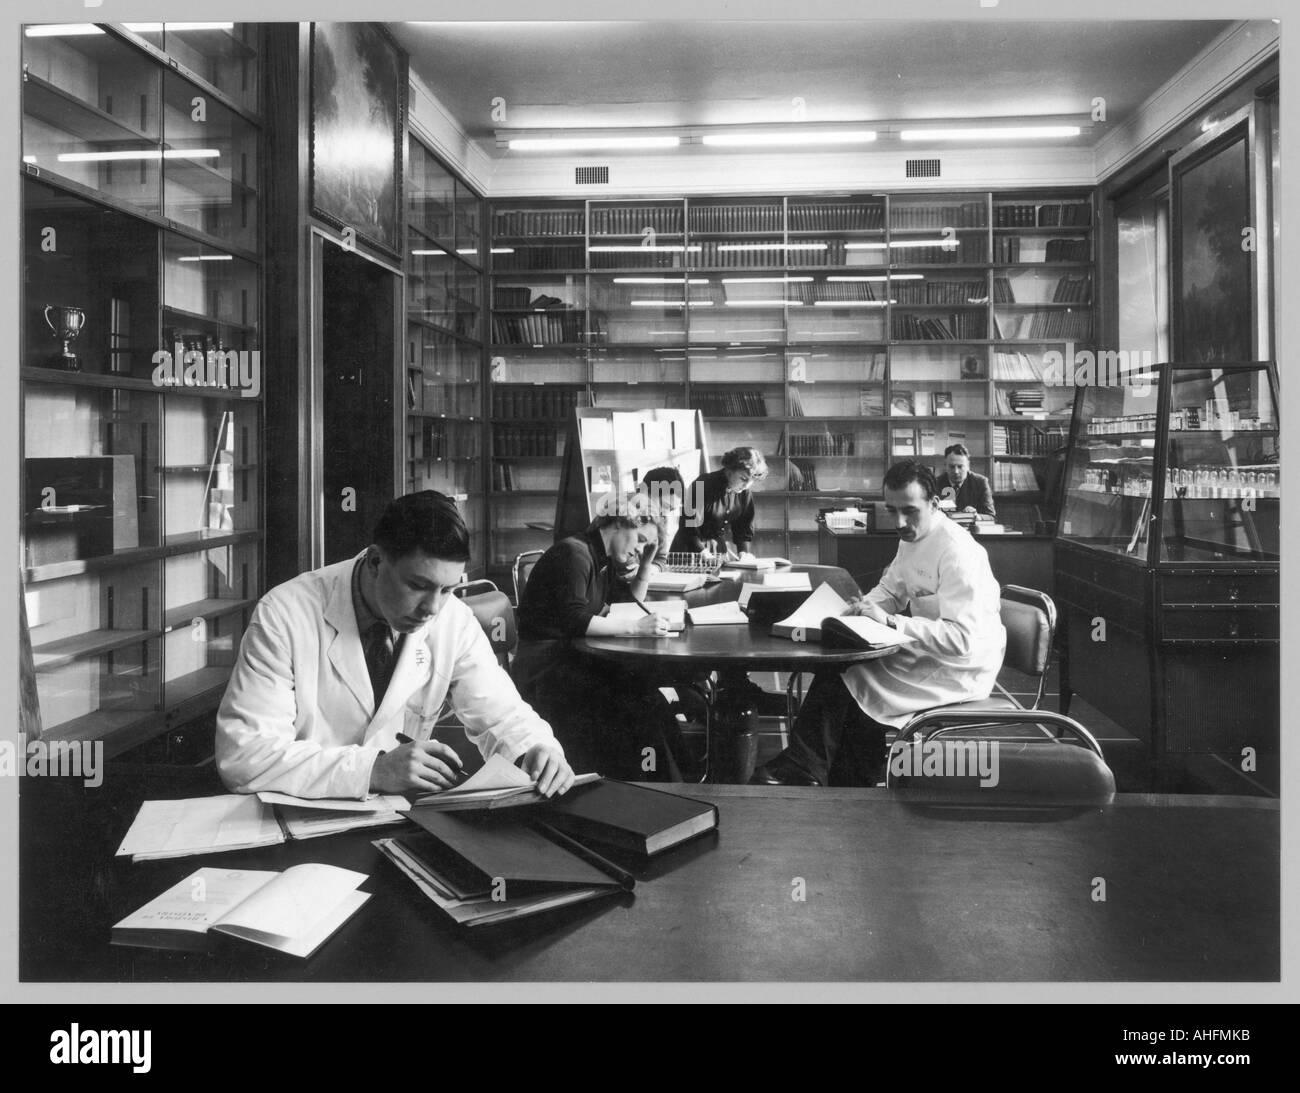 Edinburgh Uni Studying - Stock Image